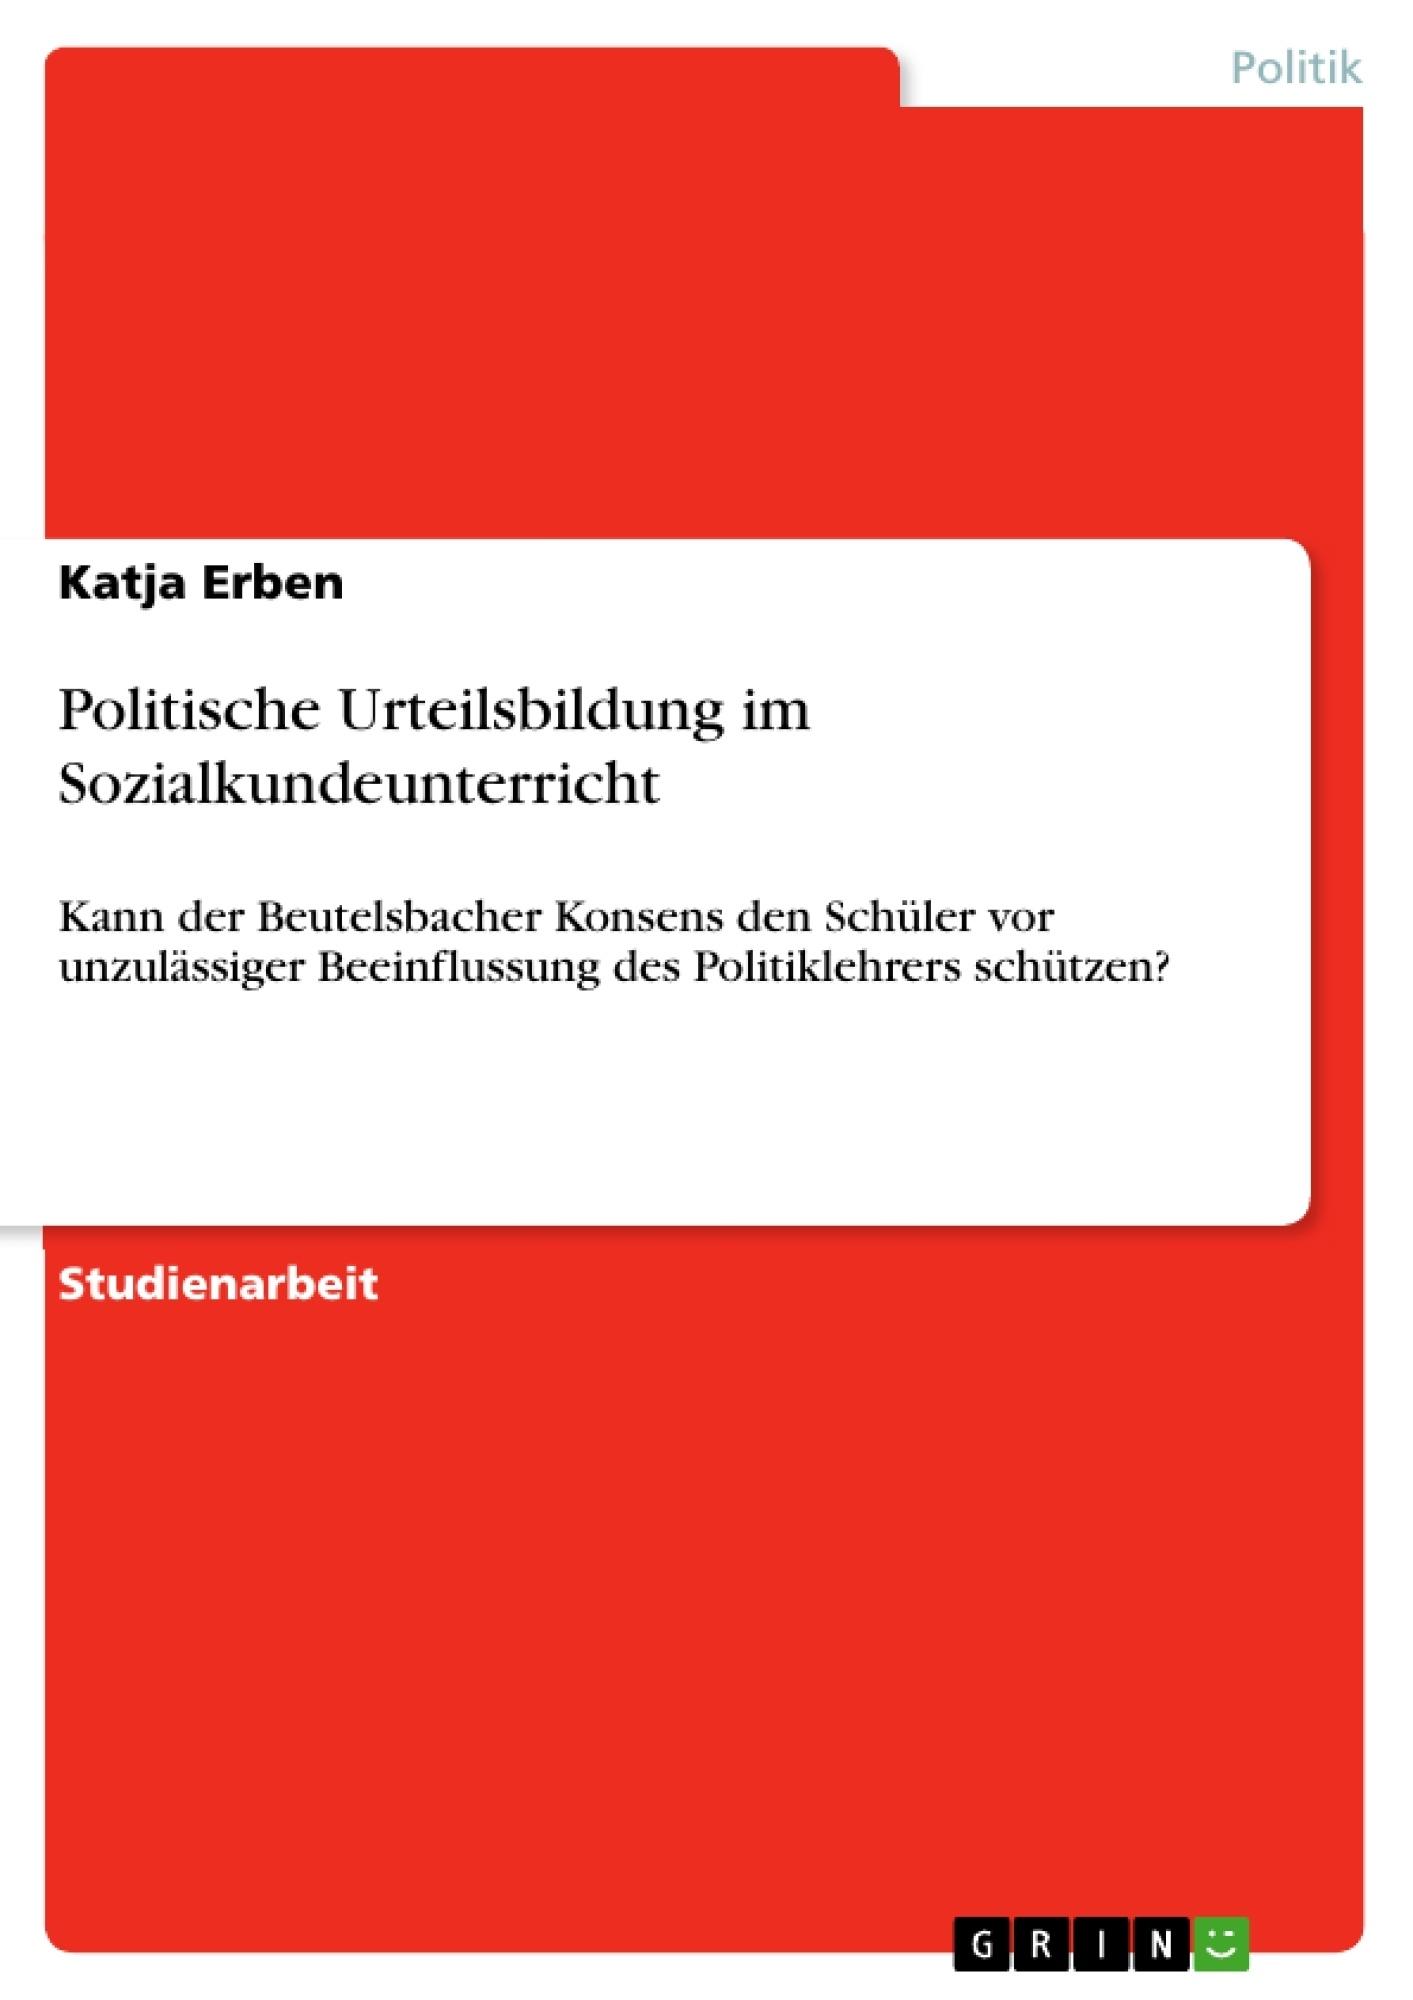 Titel: Politische Urteilsbildung im Sozialkundeunterricht